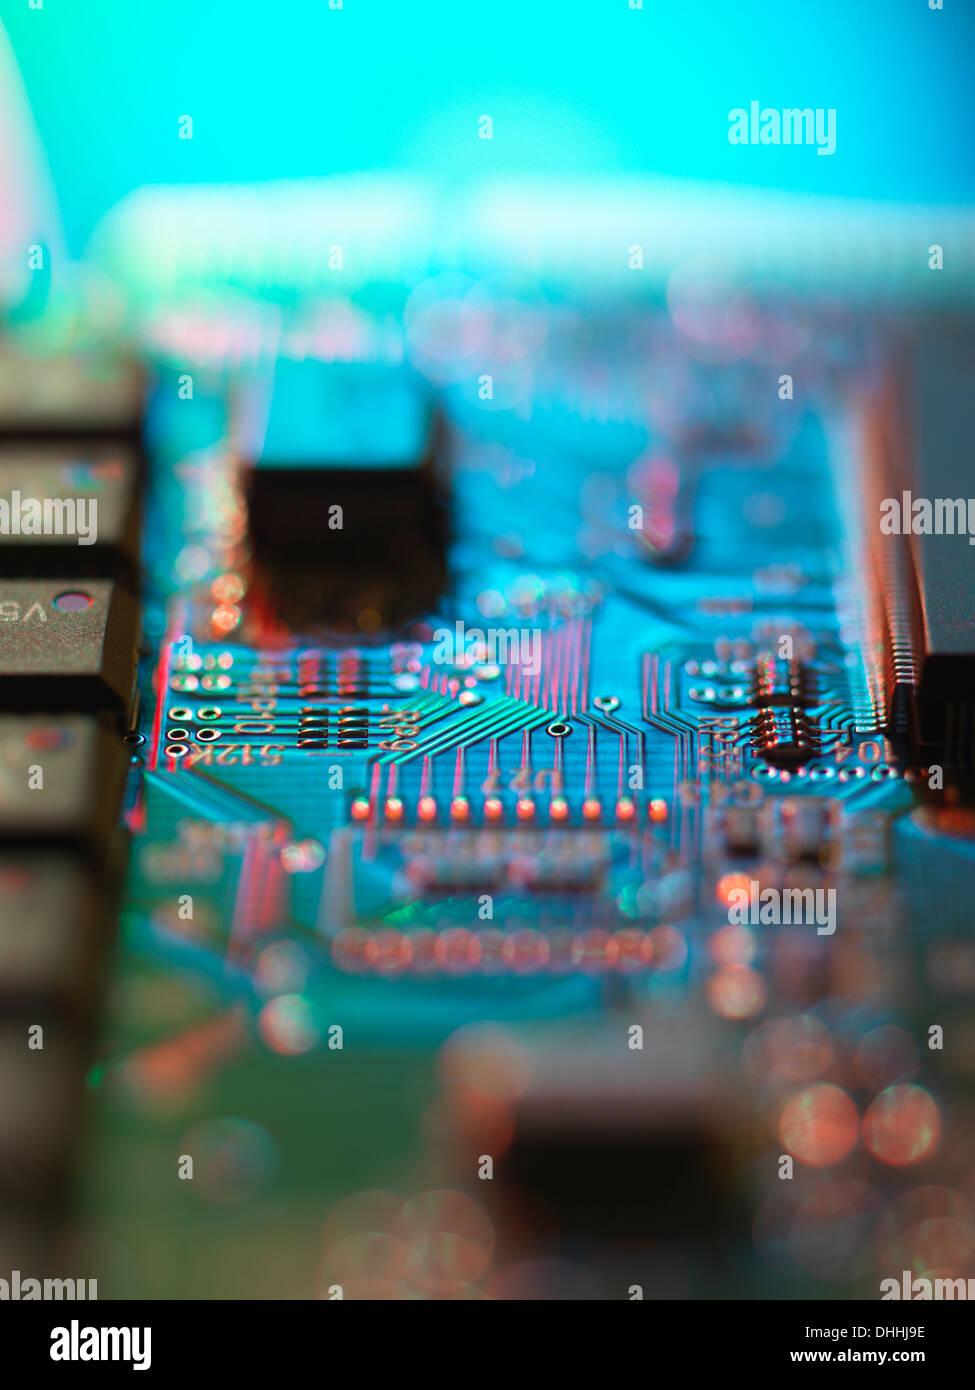 Details des Computer-Platine Stockbild